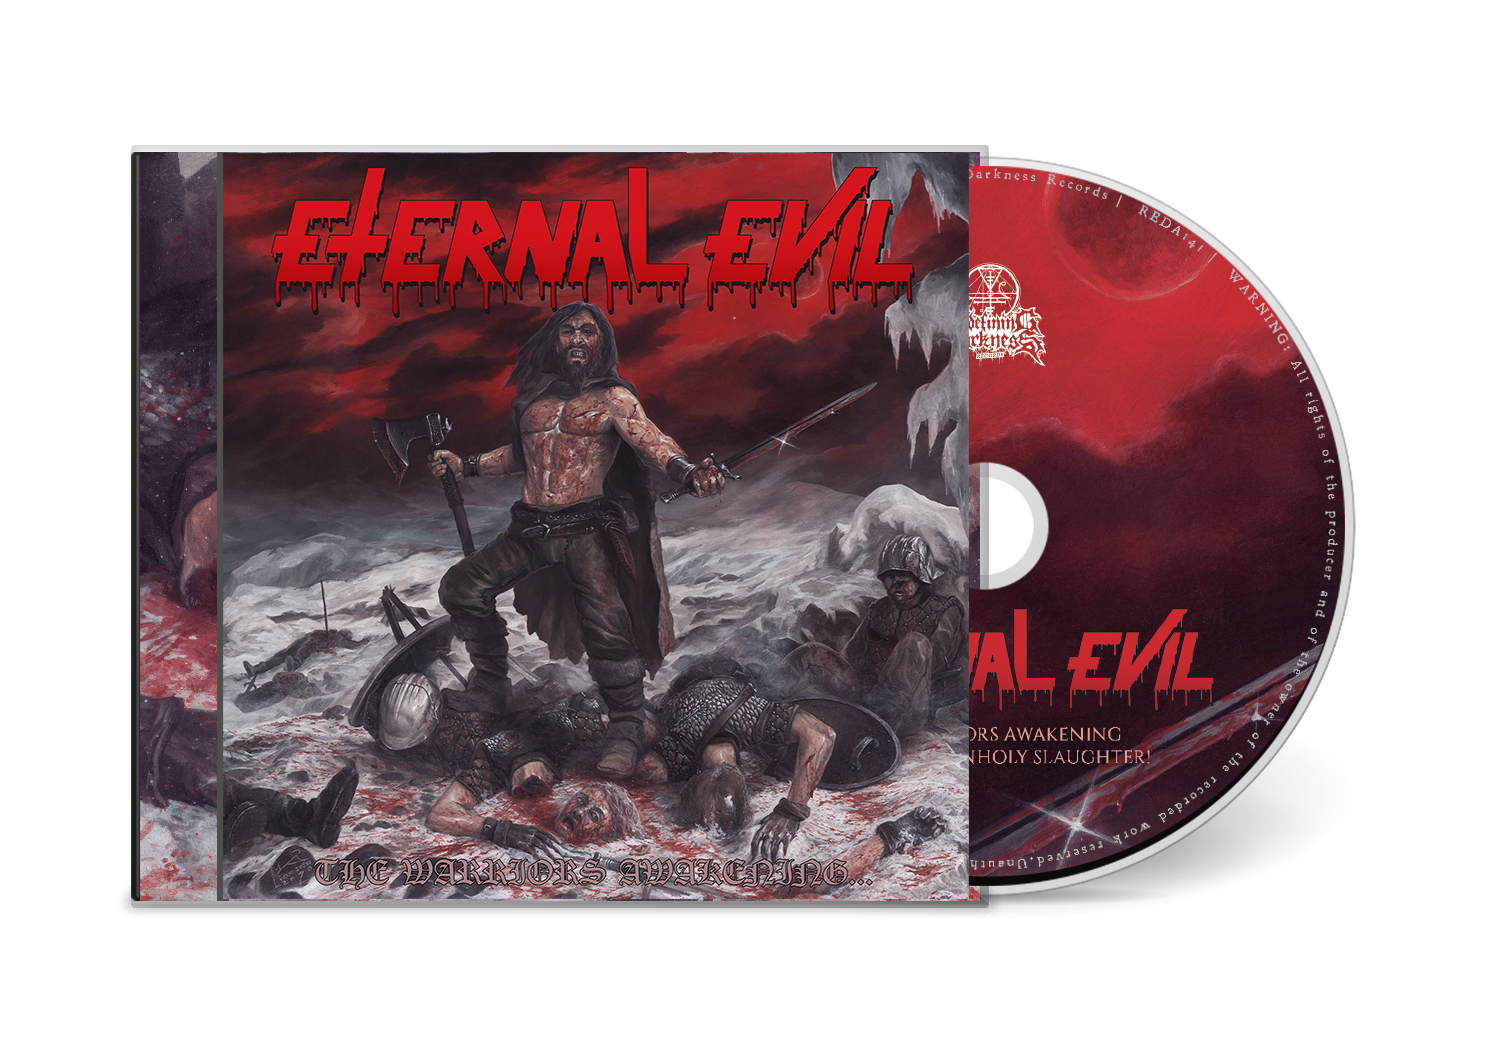 ETERNAL EVIL -  The Warriors Awakening Brings the Unholy Slaughter